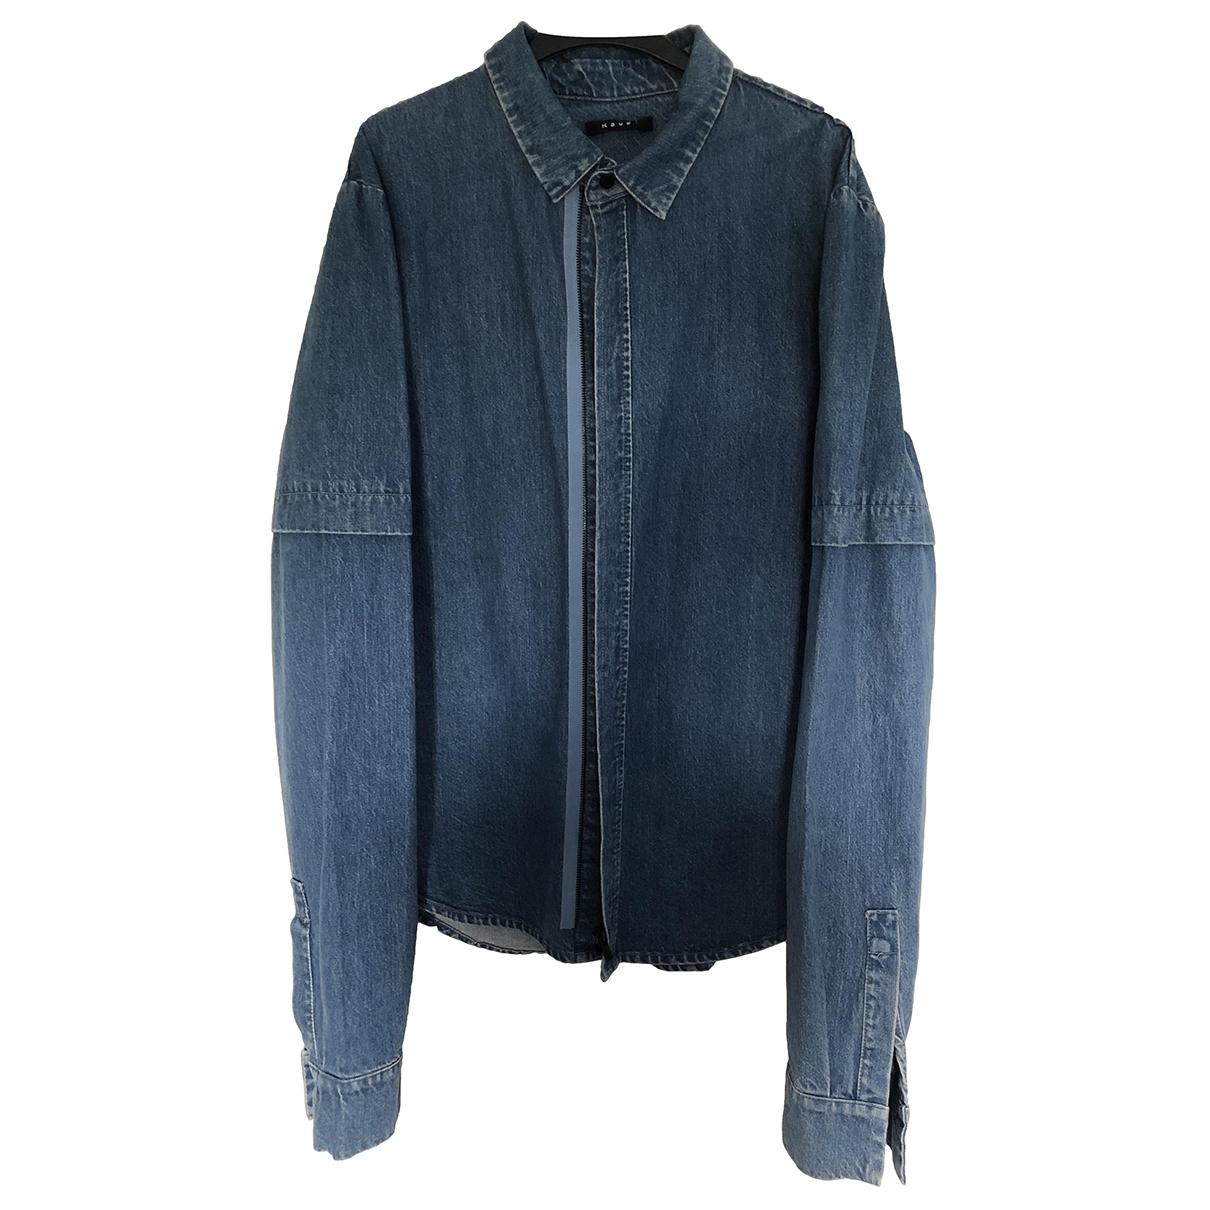 Ksubi \N Jacke in  Blau Polyester